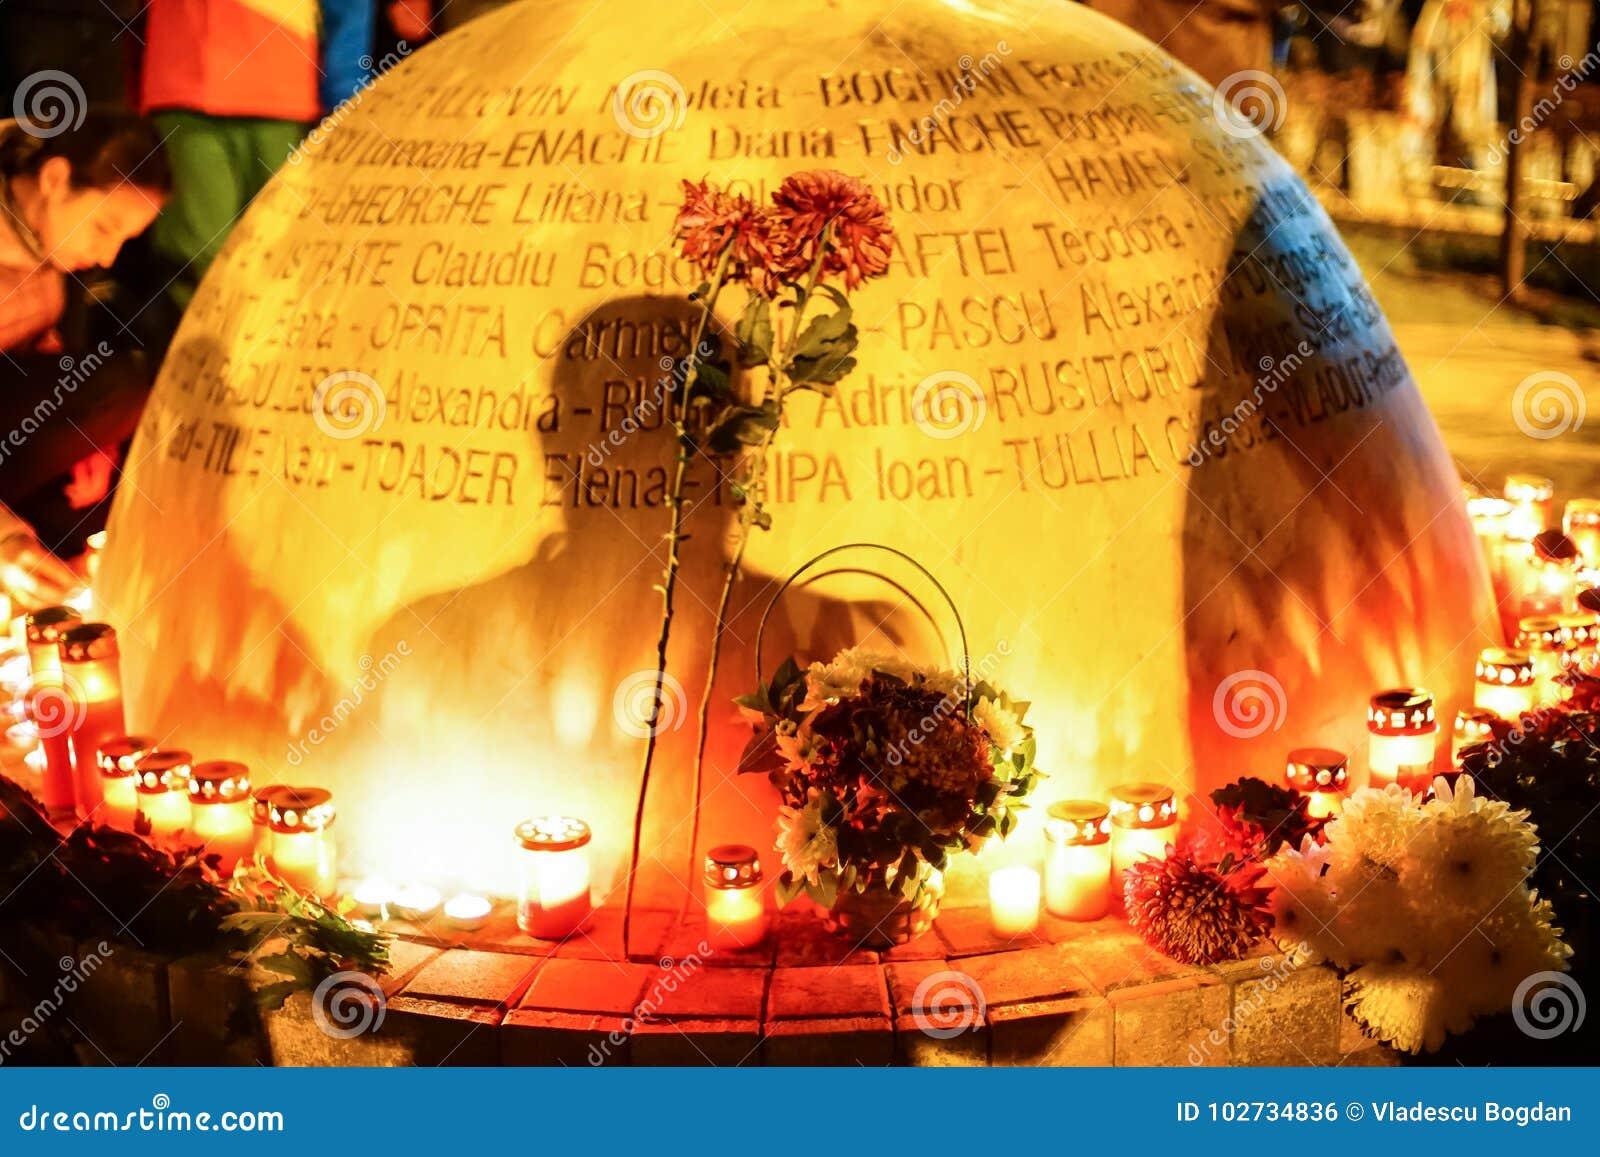 Monument in geheugen van Colectiv-de slachtoffers van de Clubtragedie